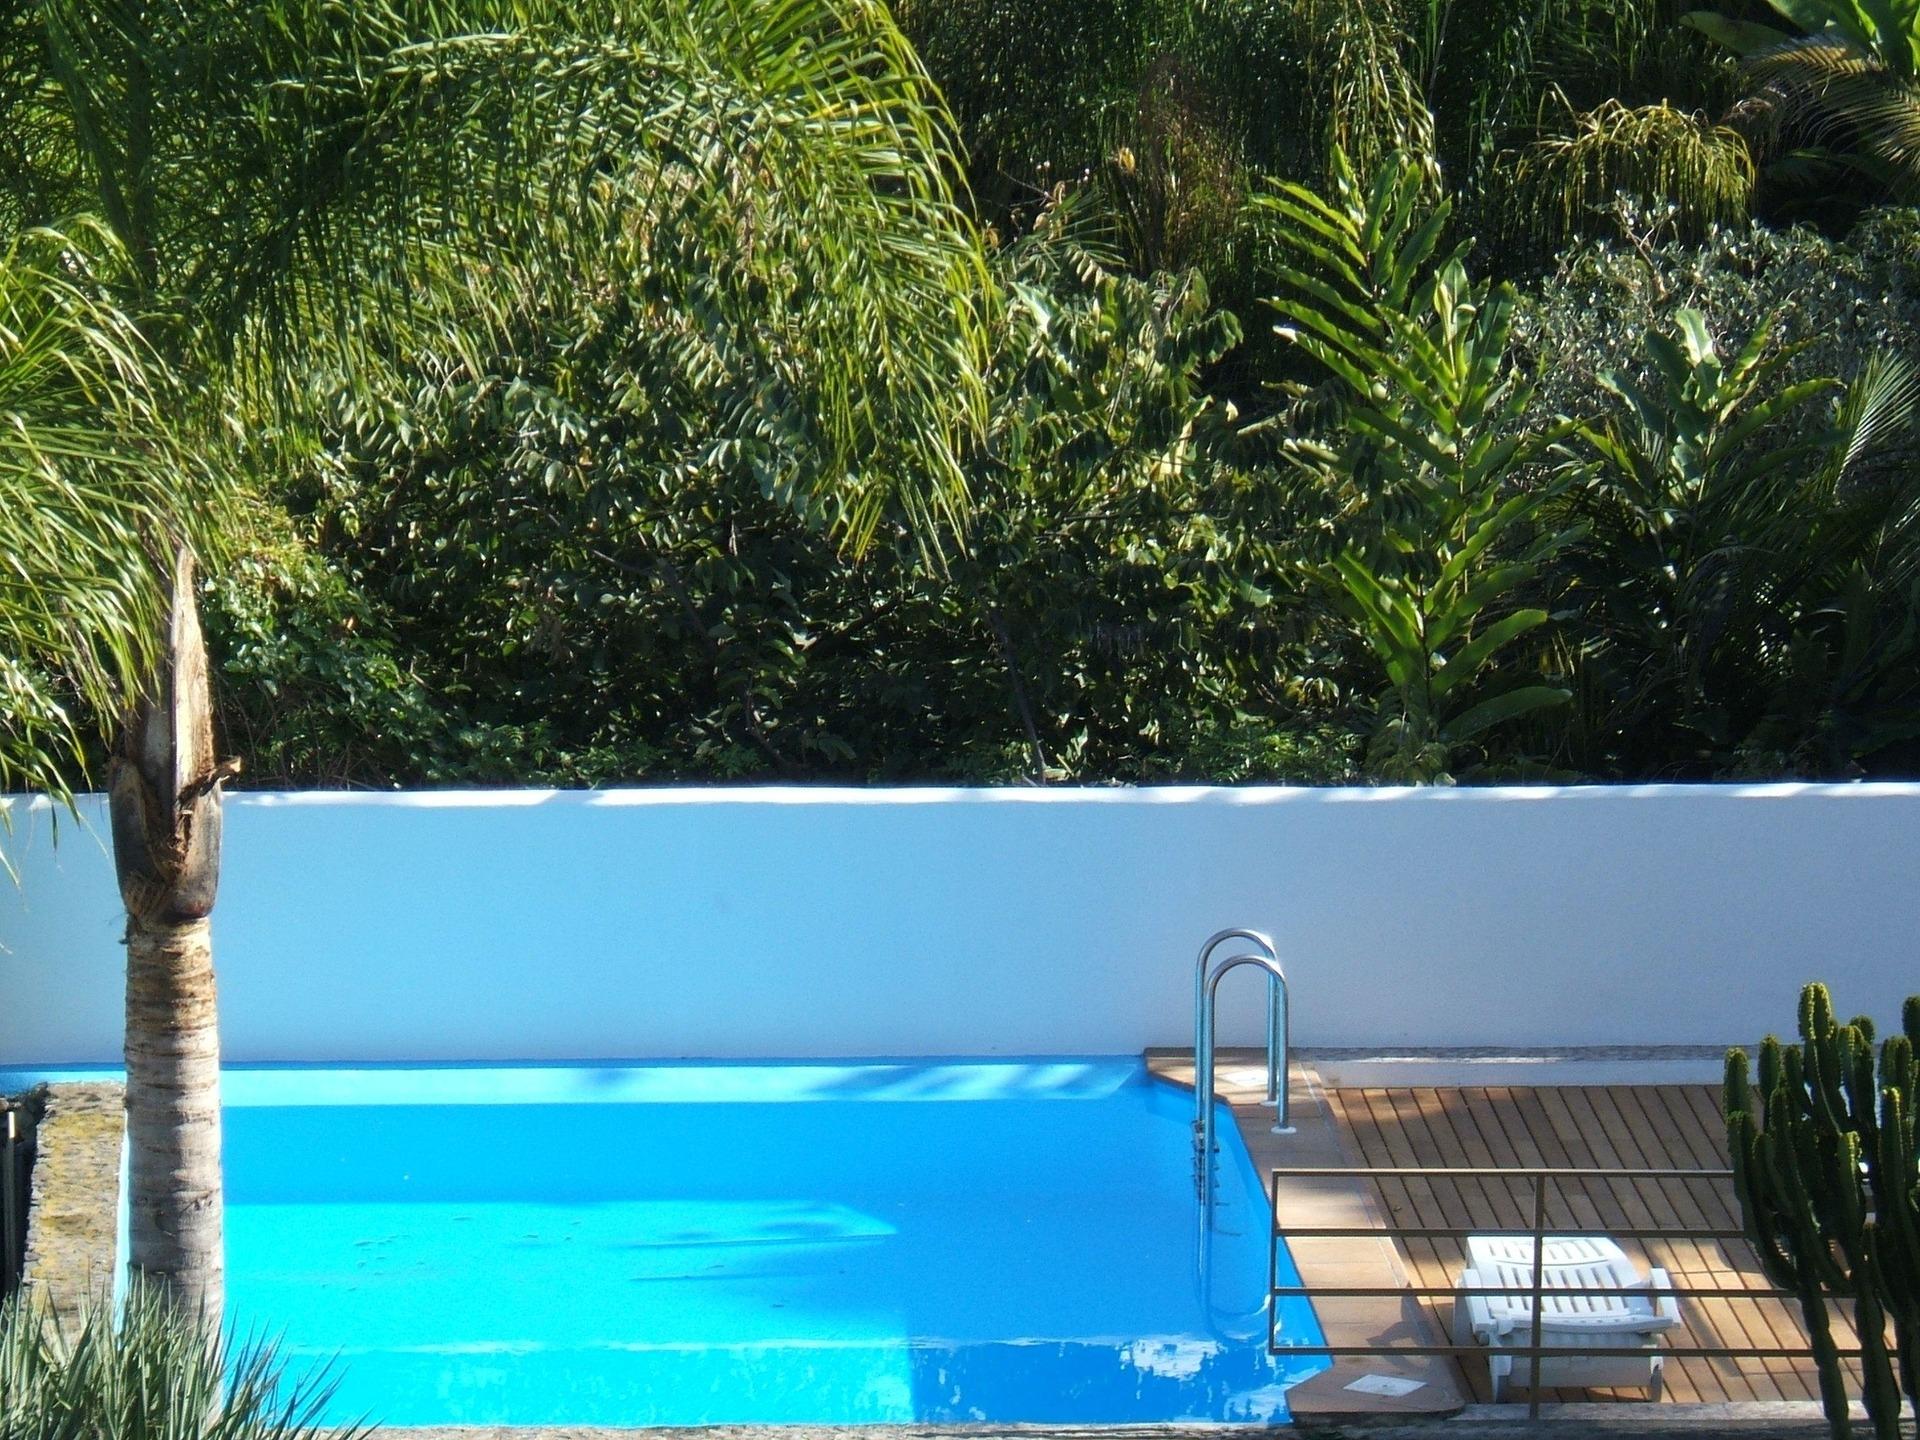 Appartement de vacances Fewo Solymar, mit 2 Schlafzimmern, 2 Bädern, eigener Terrasse und Garten, Meerblick, Pool, (2492986), Santa Ursula, Ténérife, Iles Canaries, Espagne, image 22